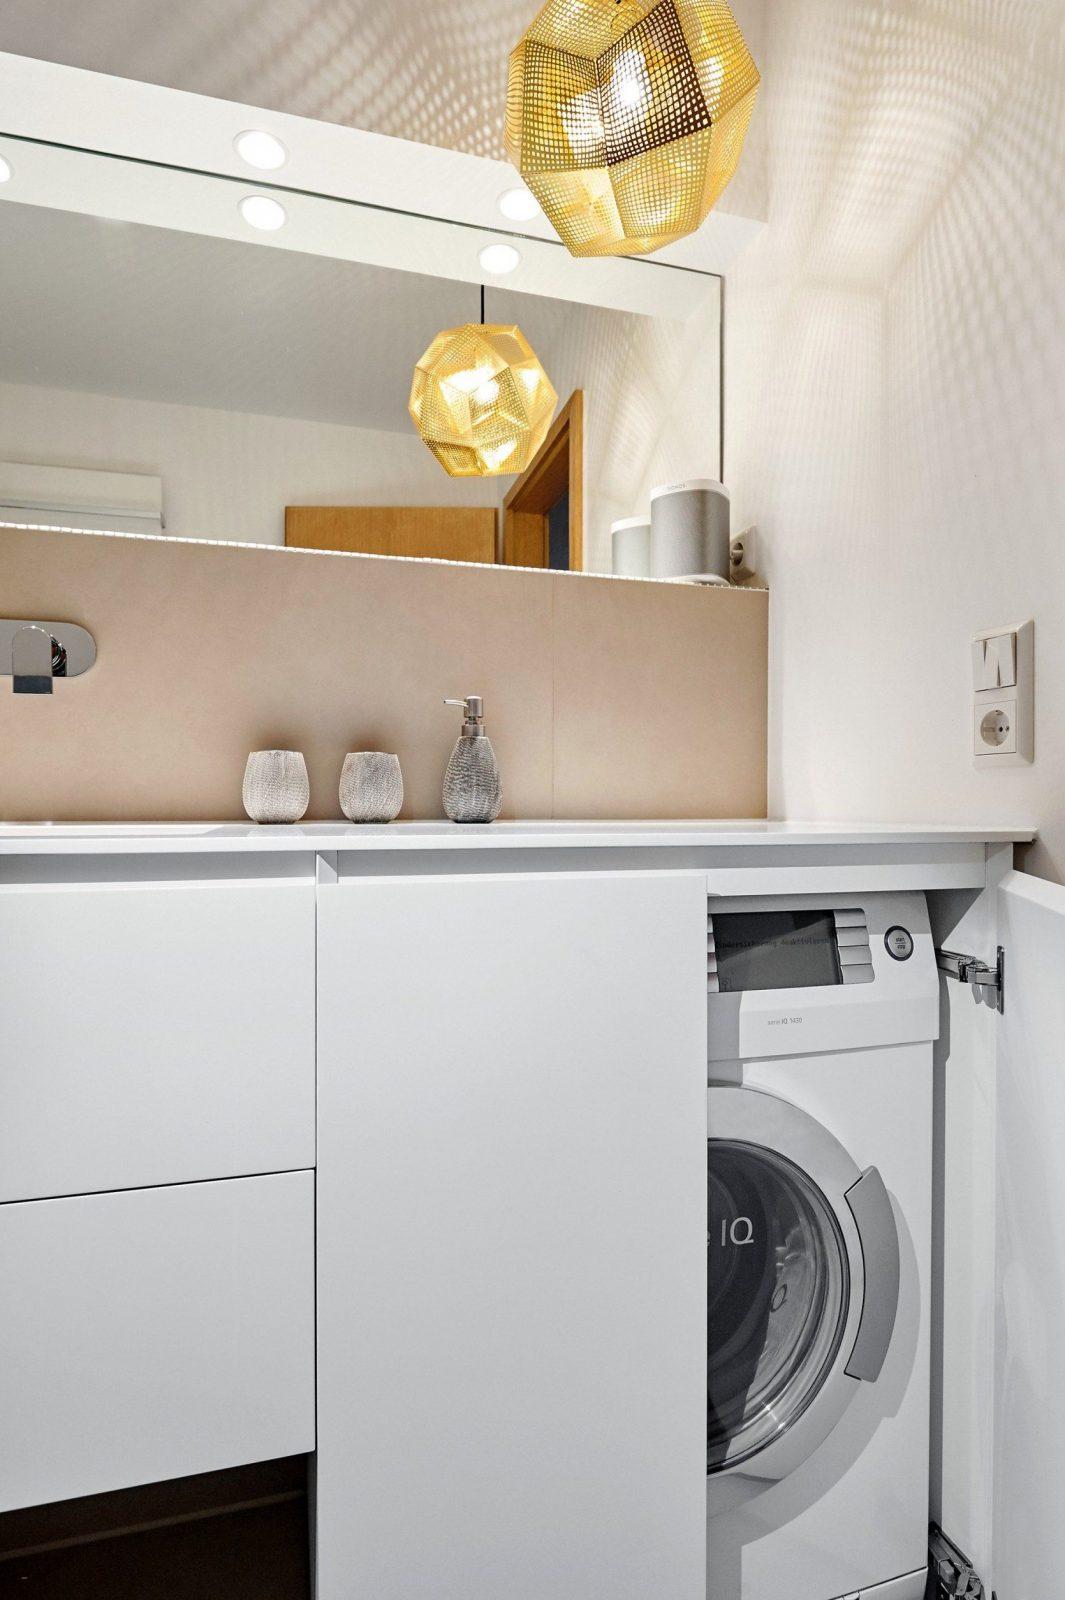 wunderbar verkleidung waschmaschine badezimmer verstecken bad mit von waschmaschine im bad. Black Bedroom Furniture Sets. Home Design Ideas